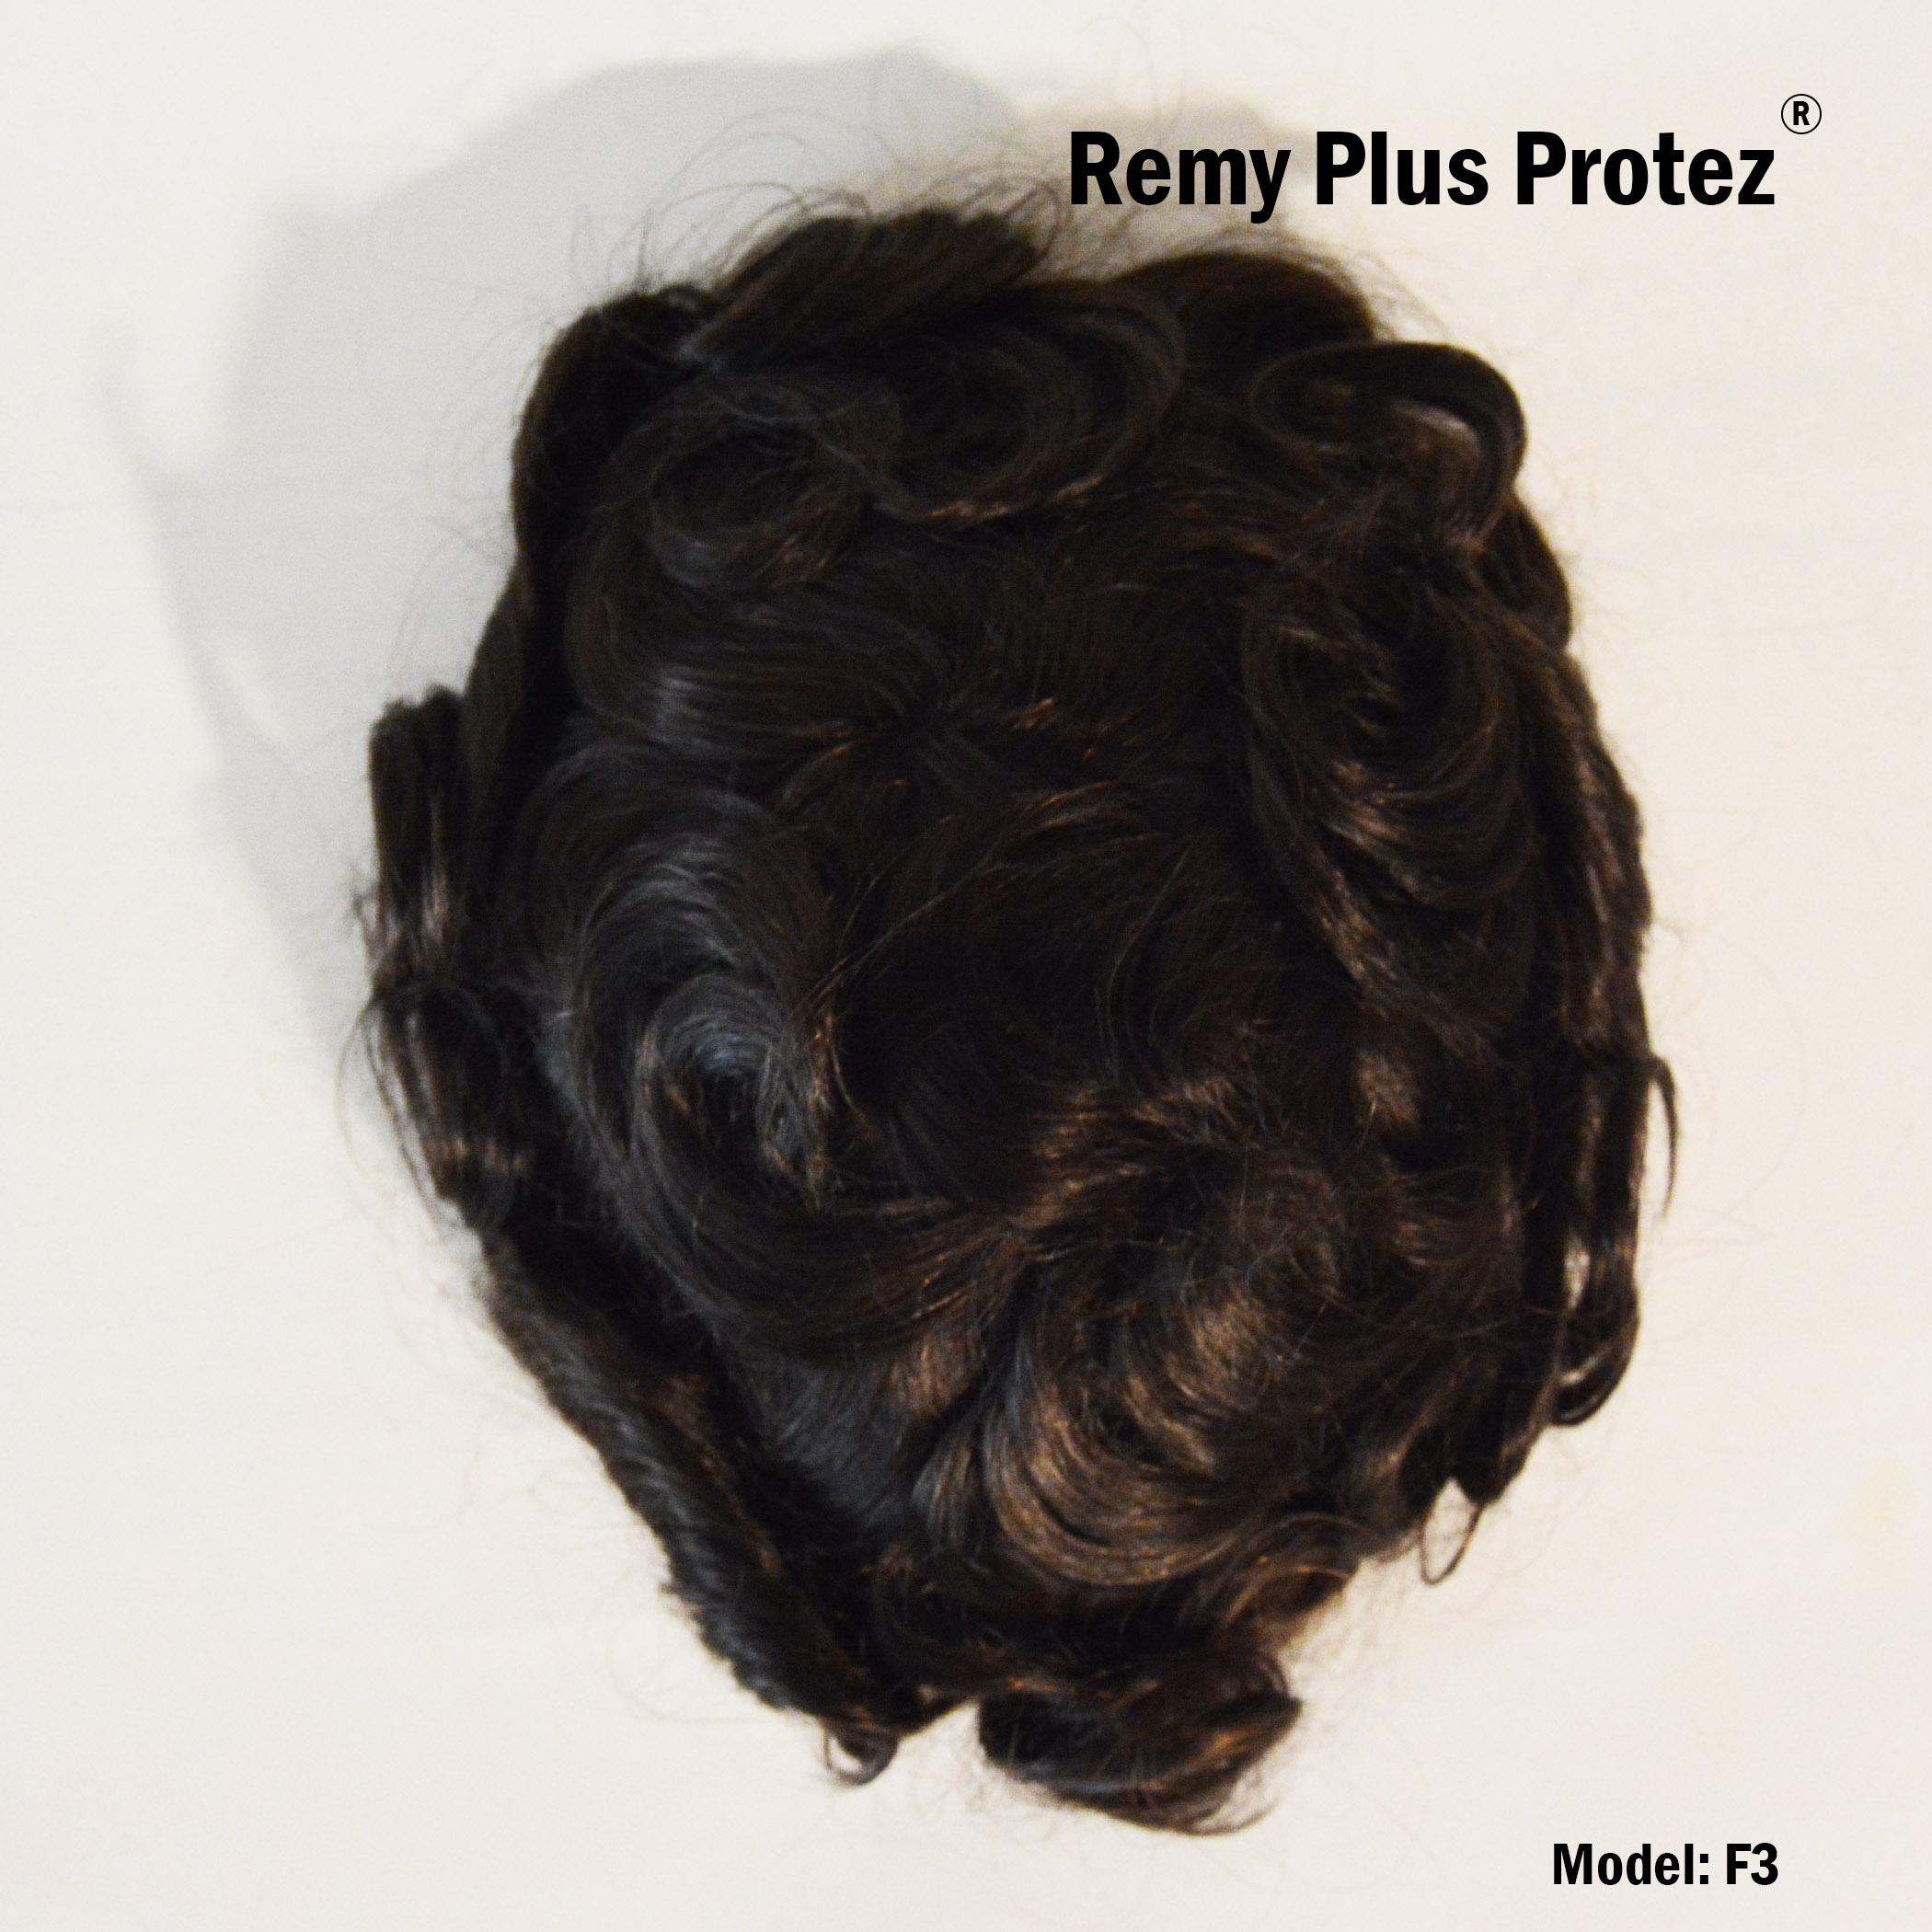 Remy Plus Protez